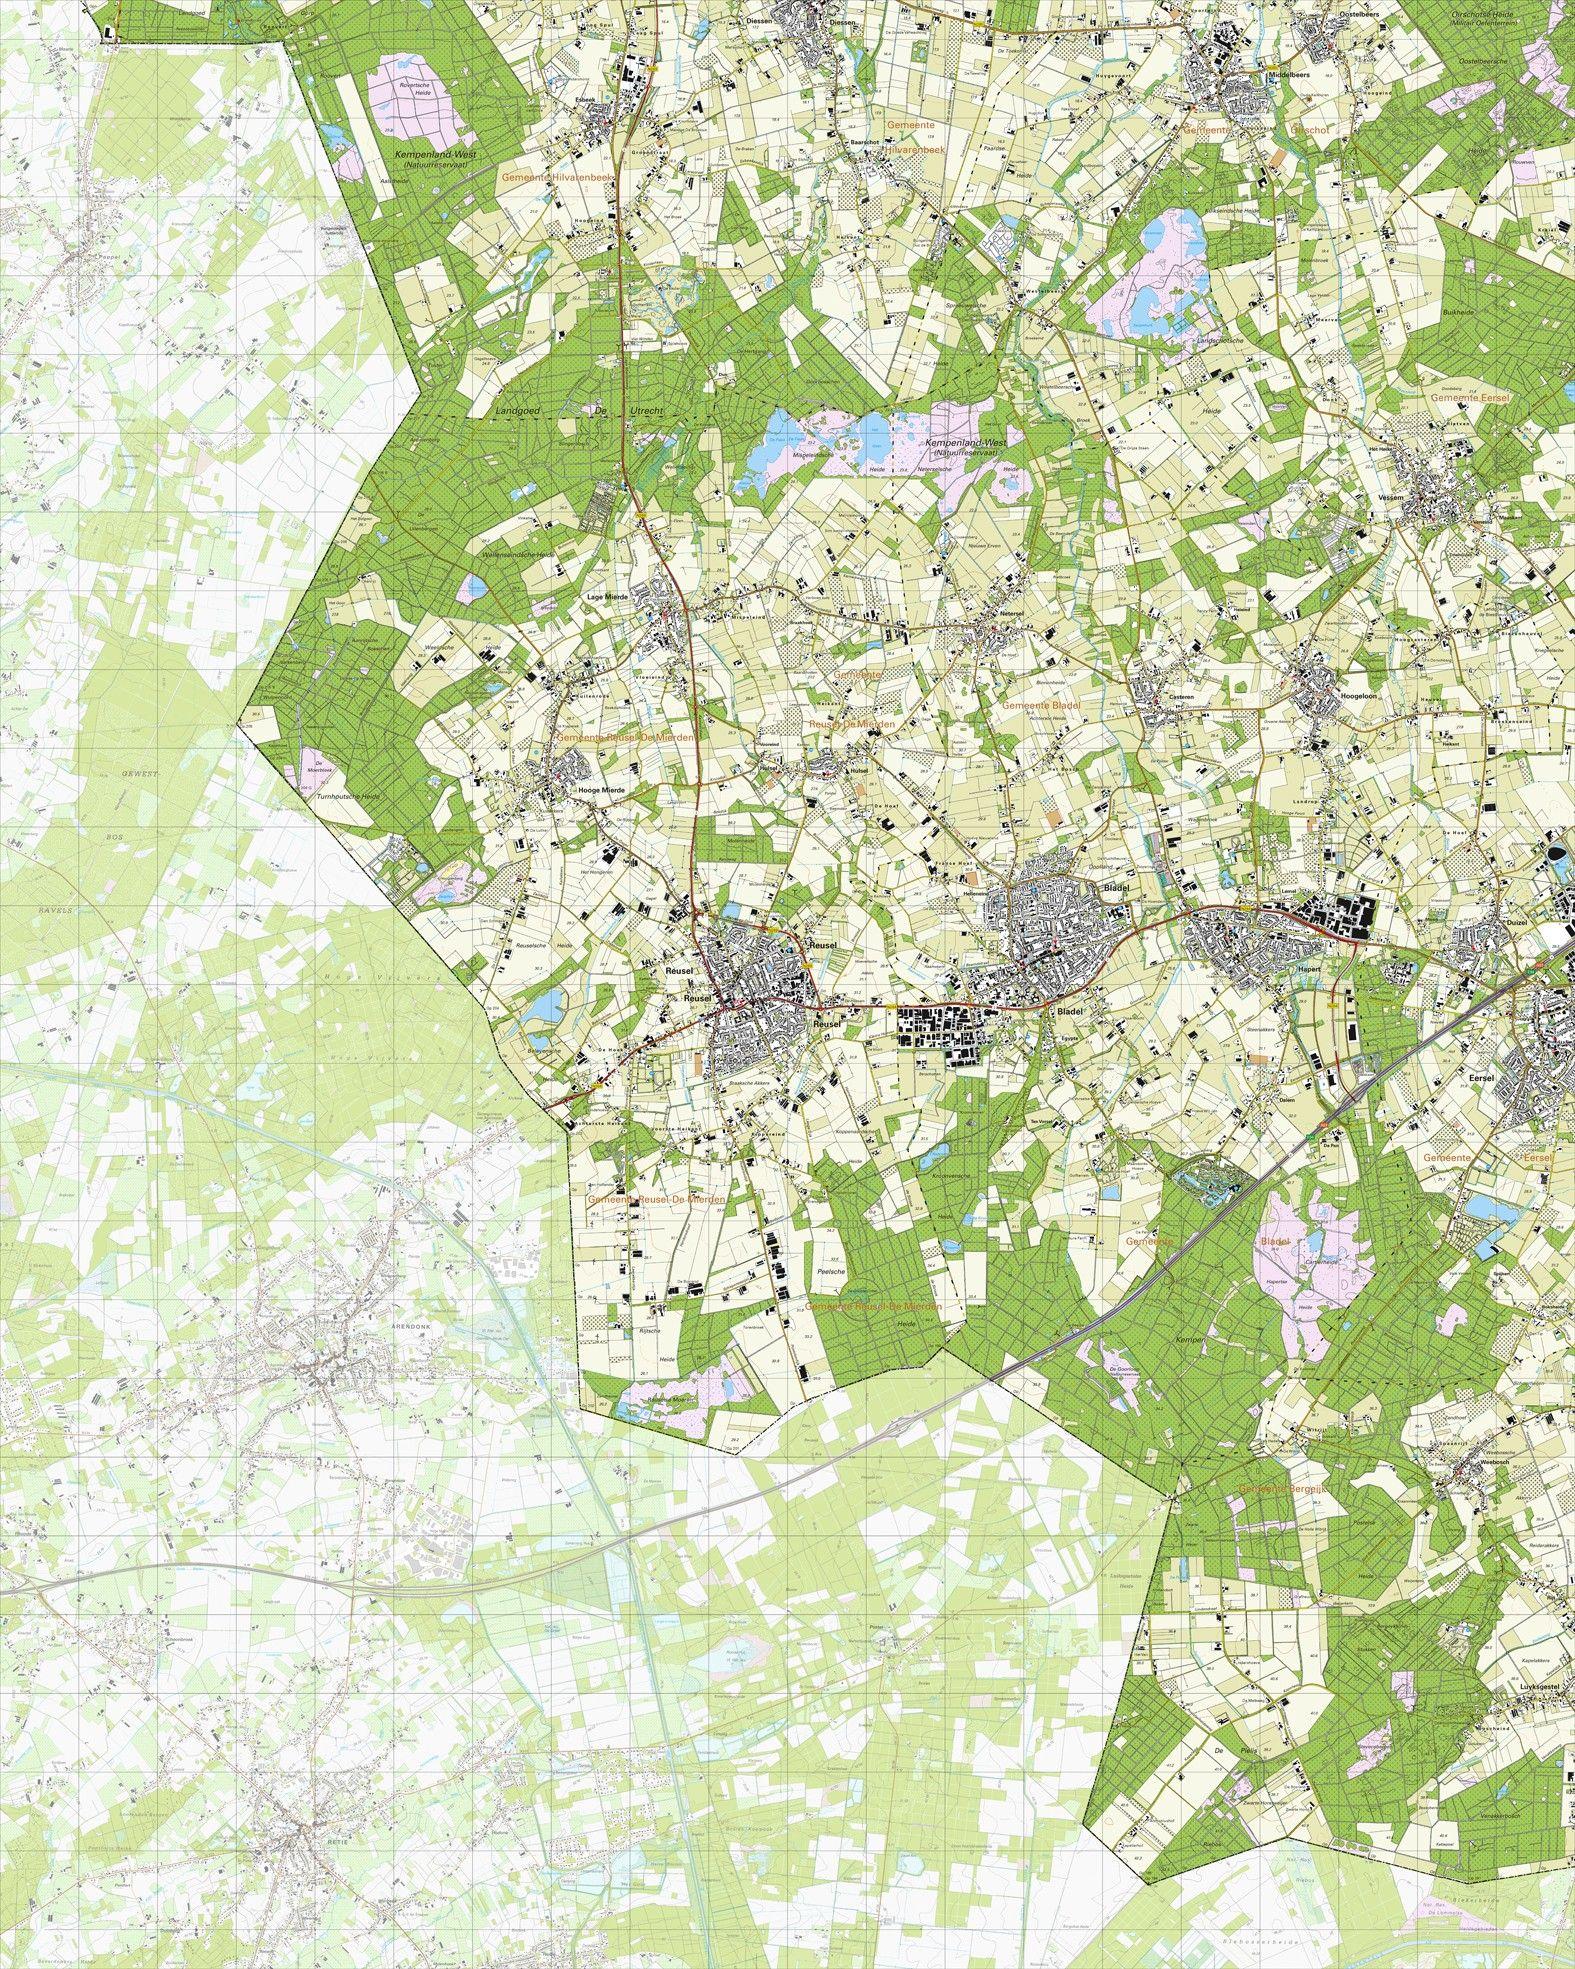 Topografische kaart schaal 1:25.000 (Reusel, Bladel, Hapert, Eersel, Vessem, Middelbeers)